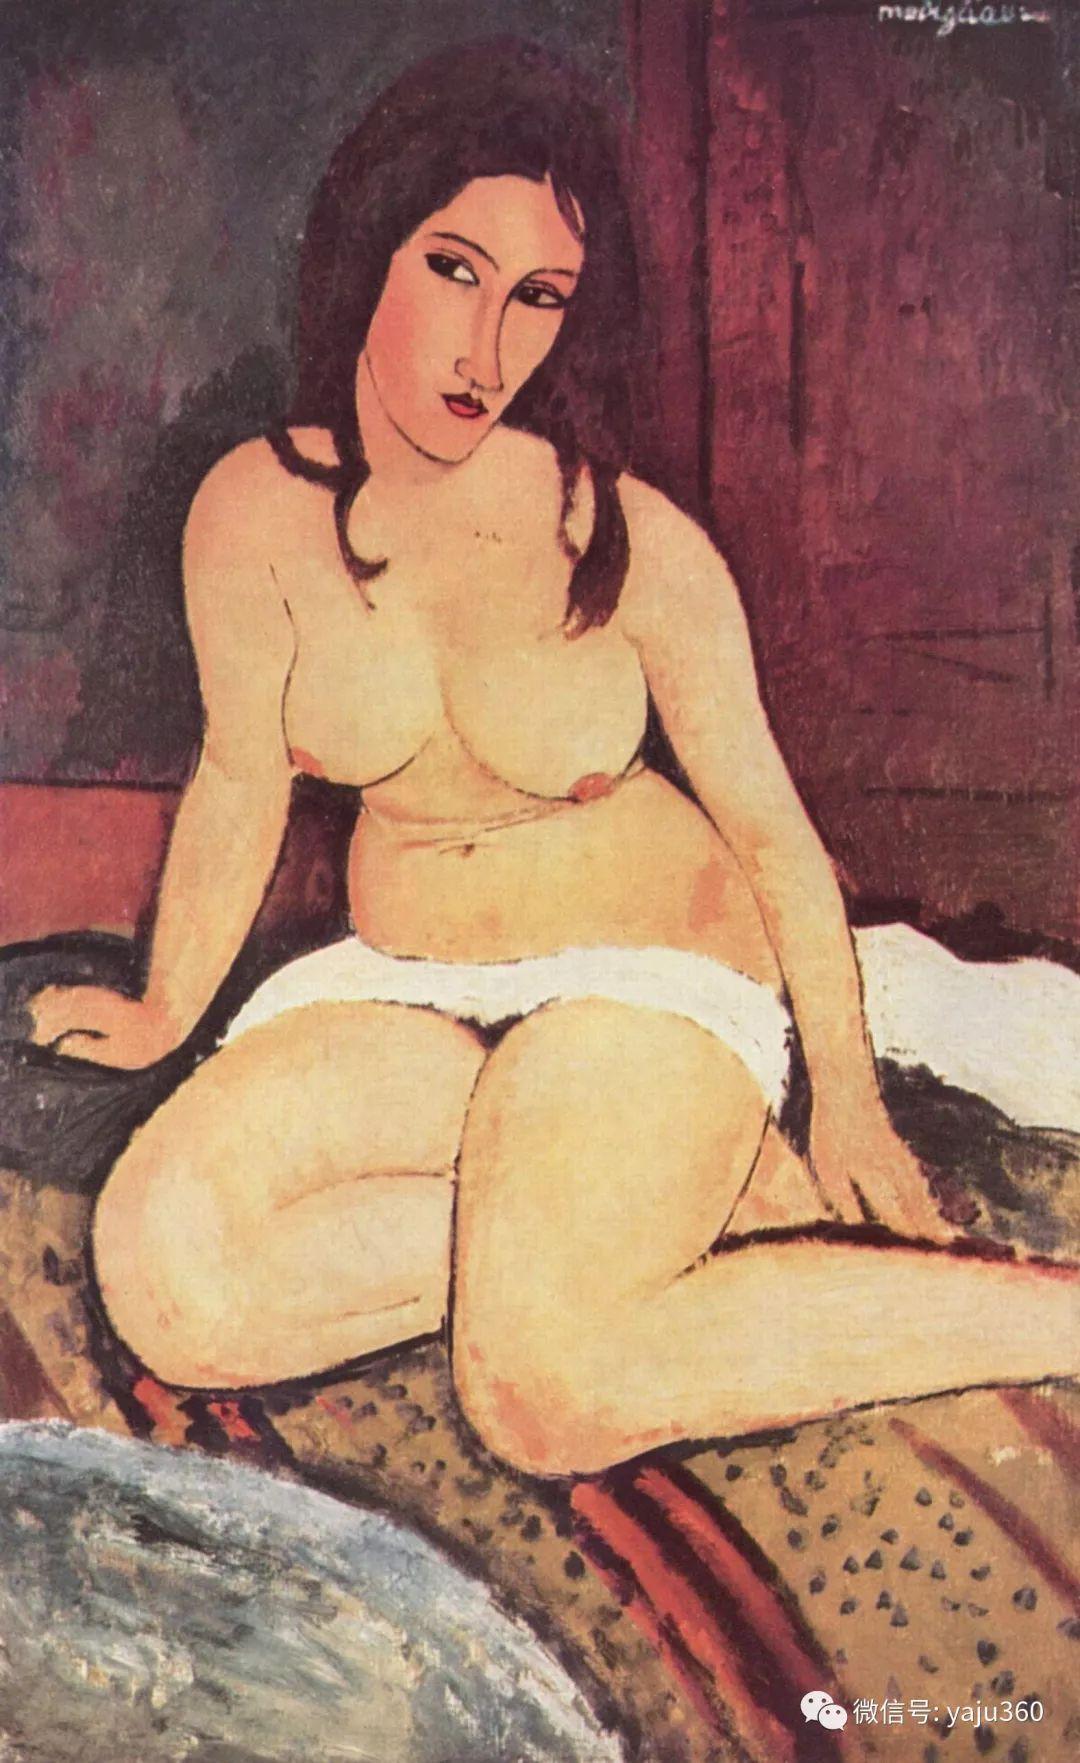 世界著名画家之莫迪利阿尼插图95